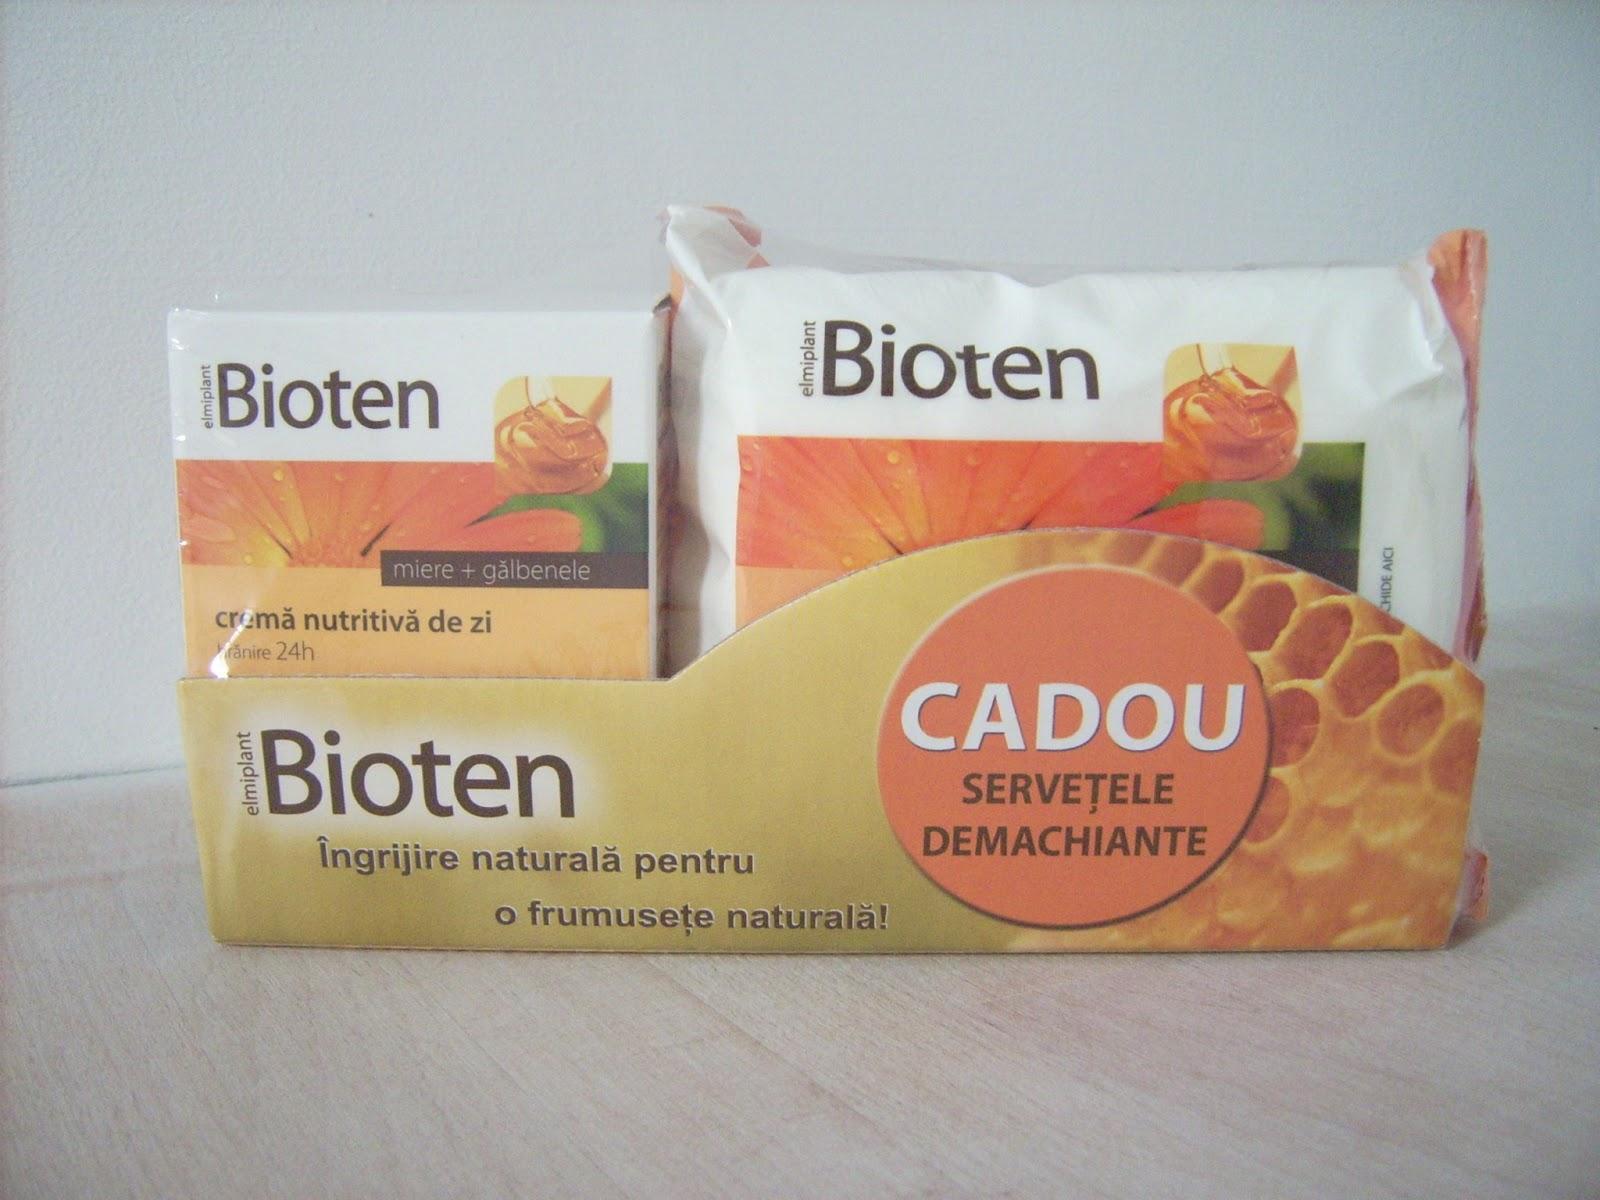 crema miere galbenele bioten, servetele demachiante bioten